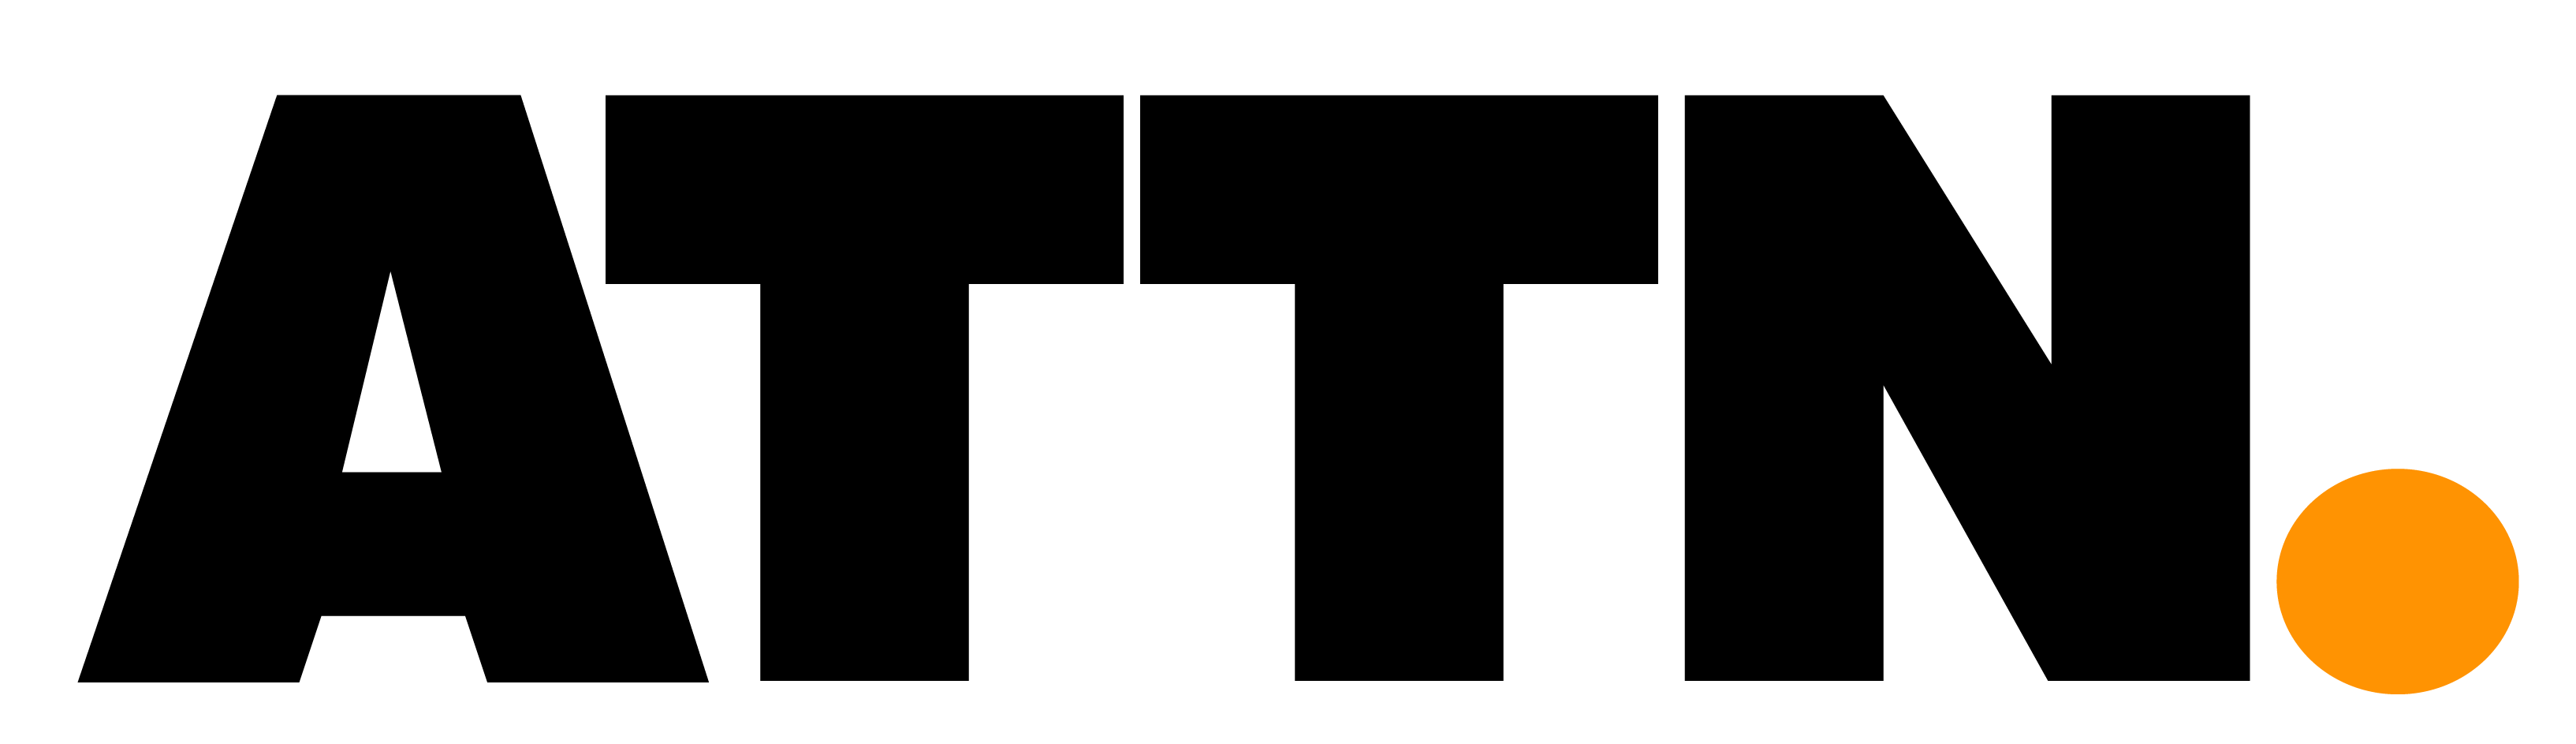 ATTN logo